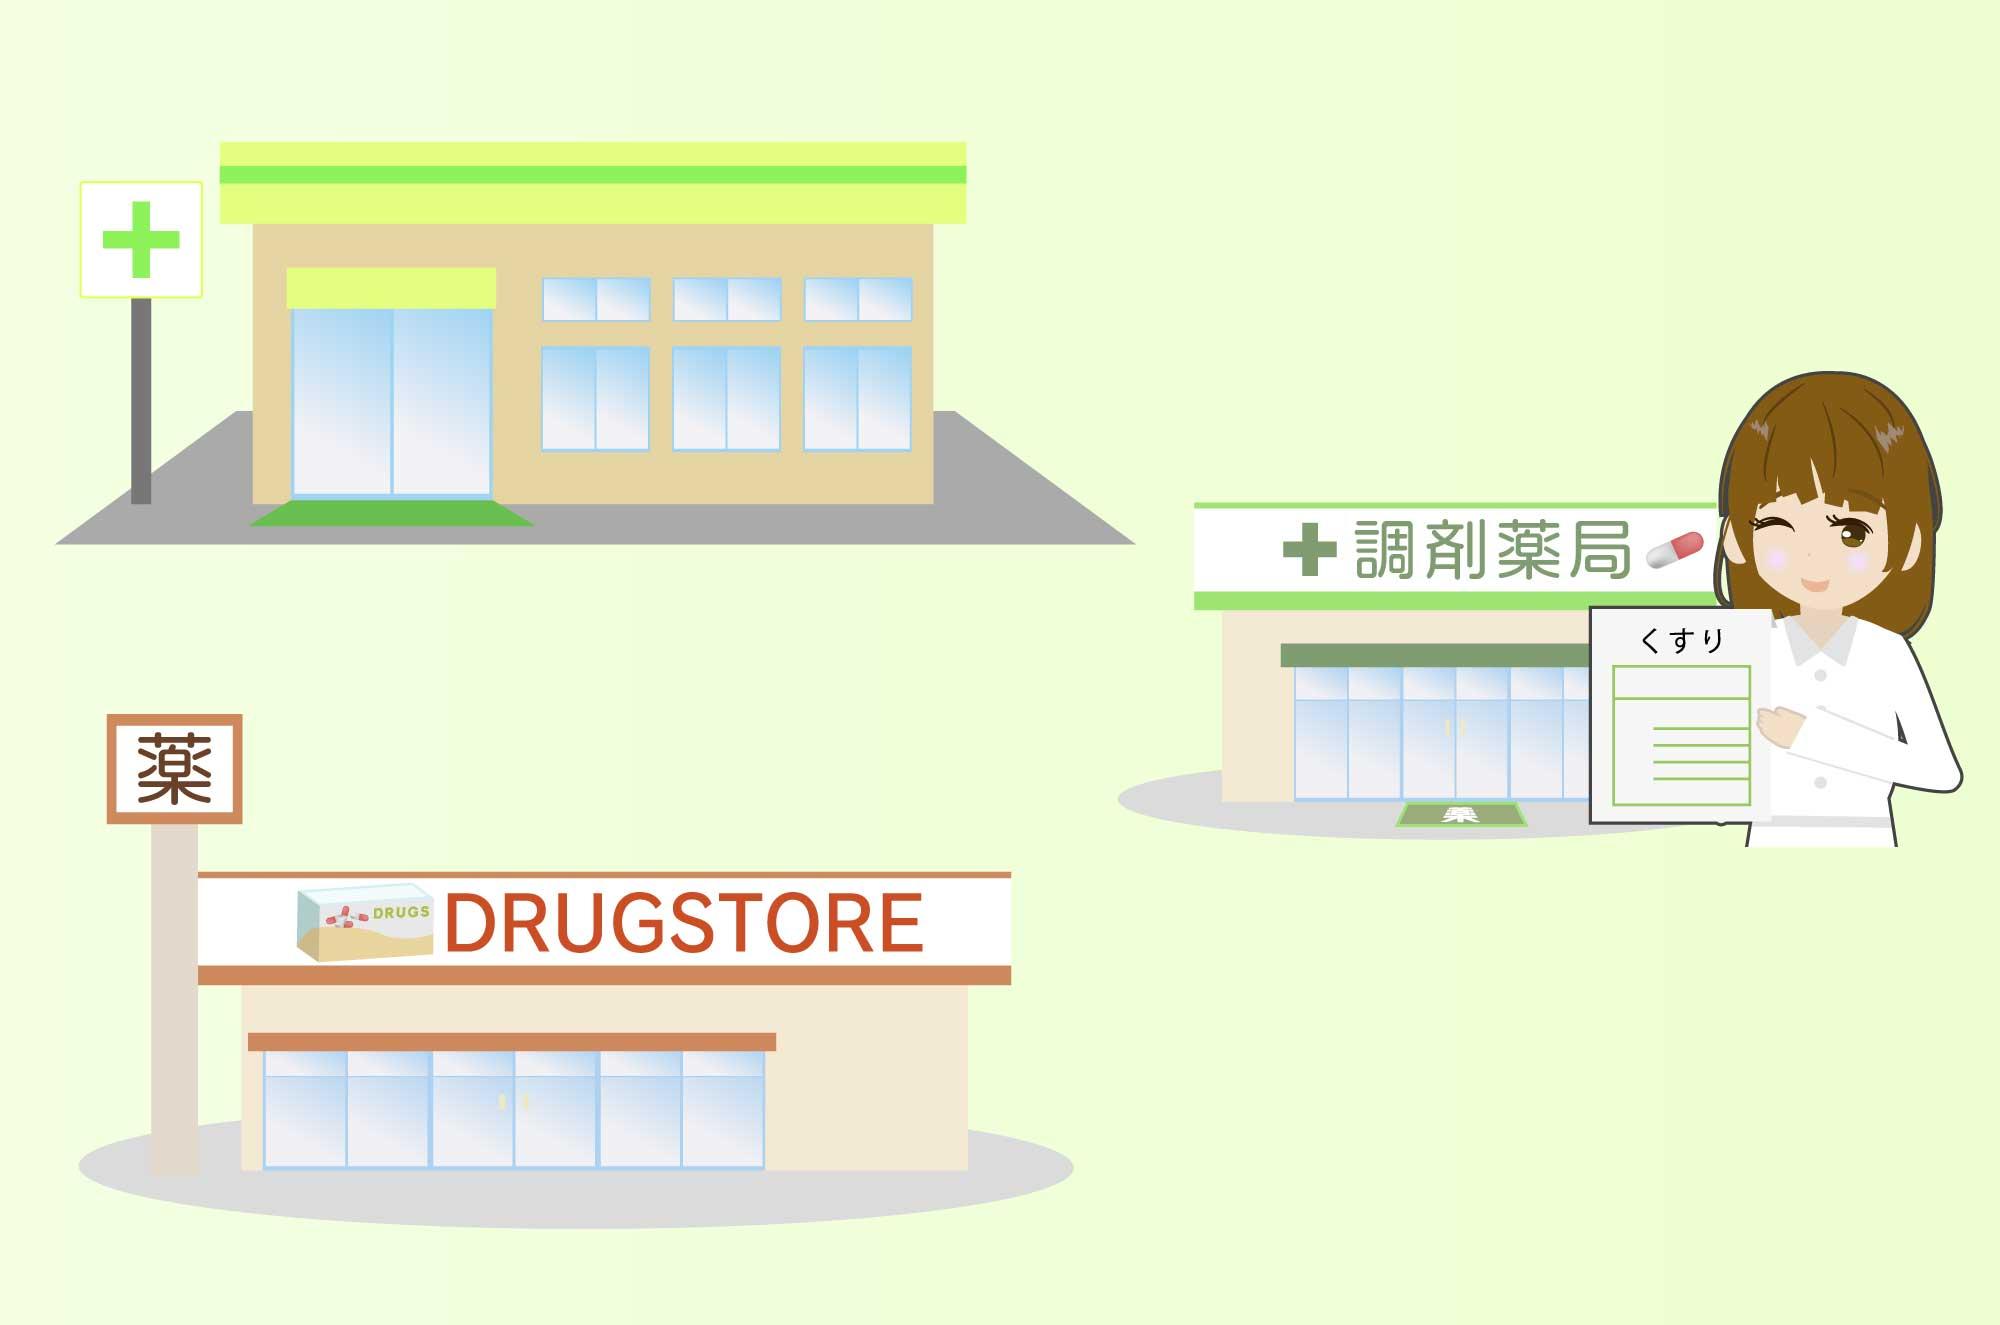 ドラッグストアと調剤薬局のフリーイラスト無料素材